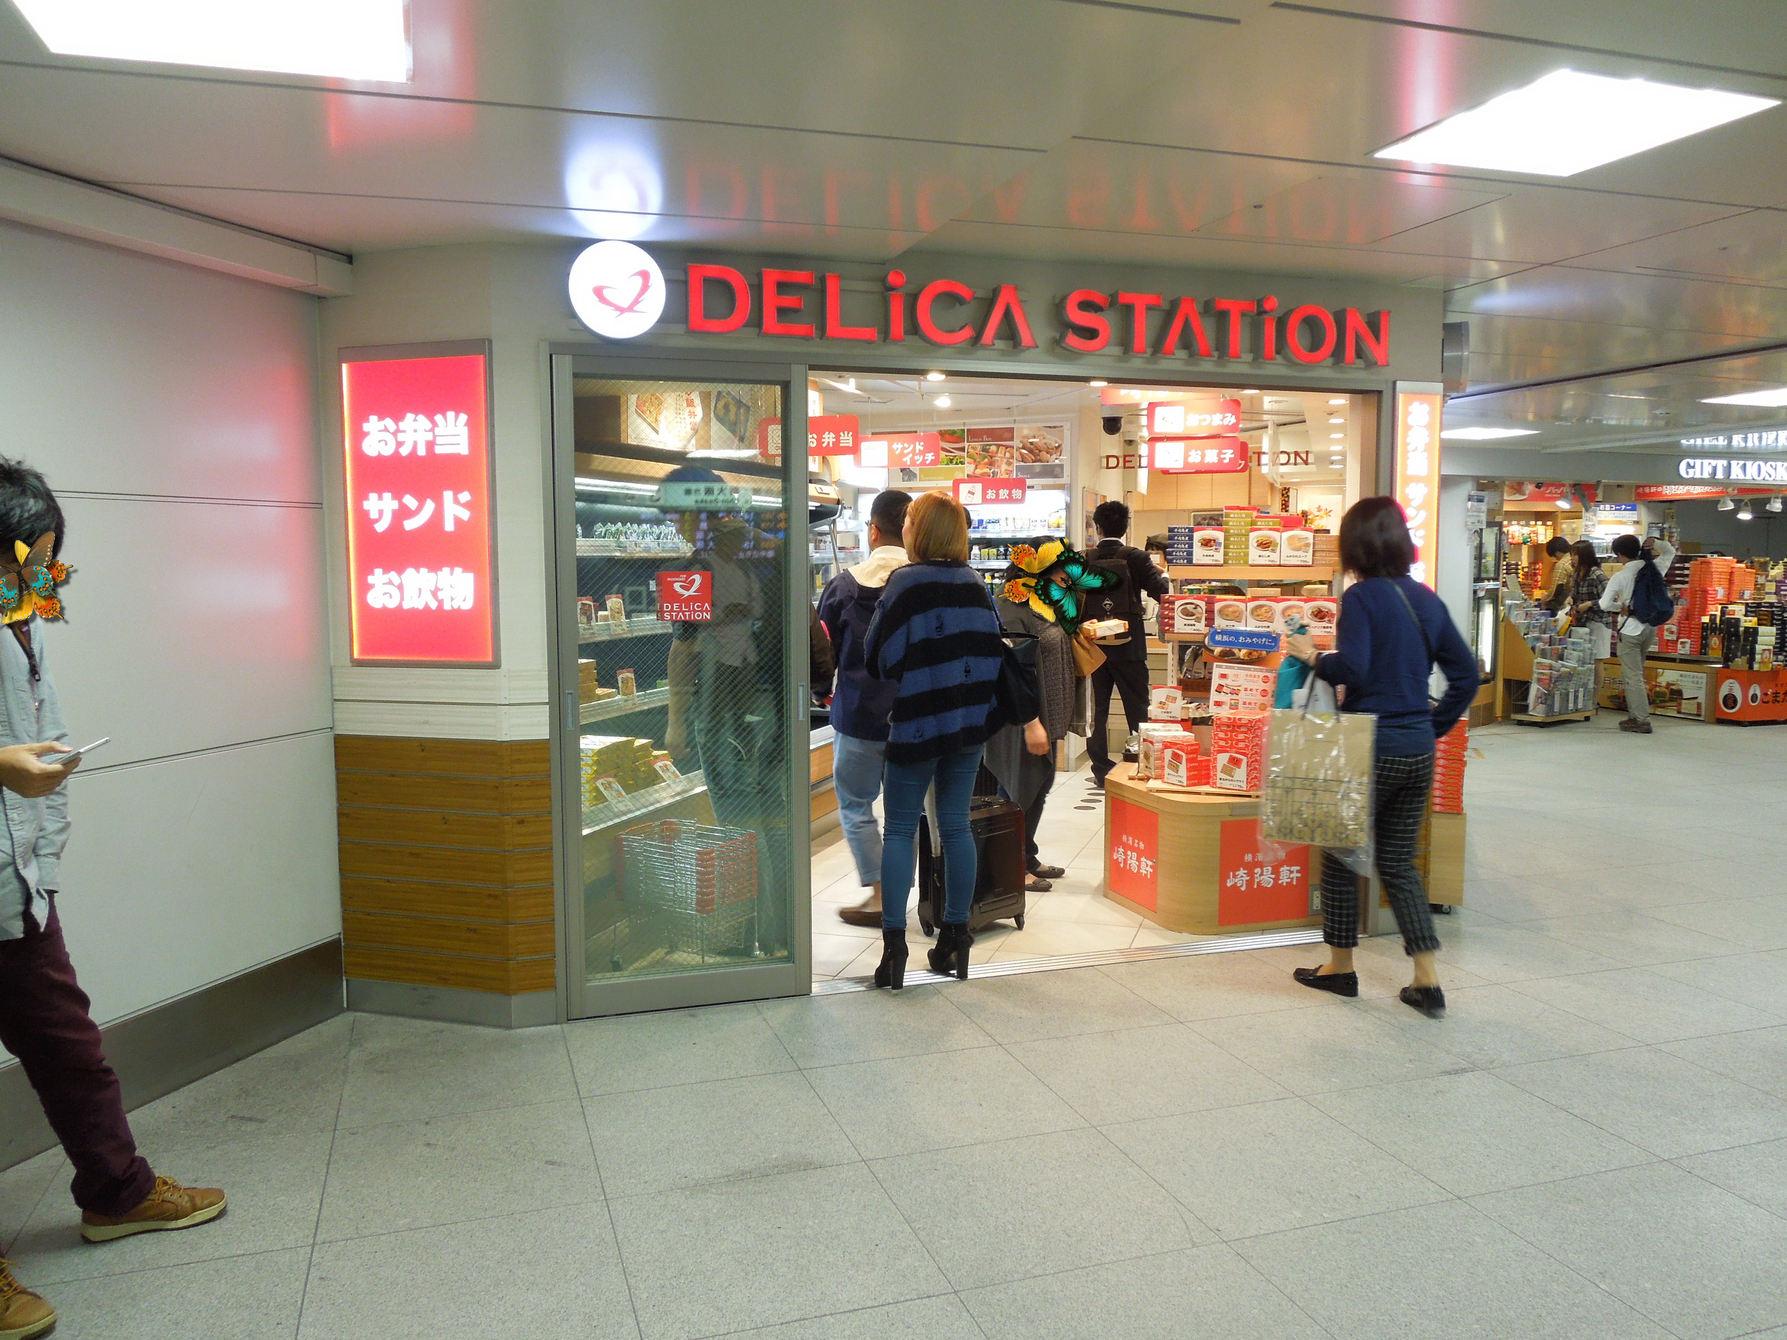 デリカ ステーション 新横浜駅 横浜線改札内コンコース店